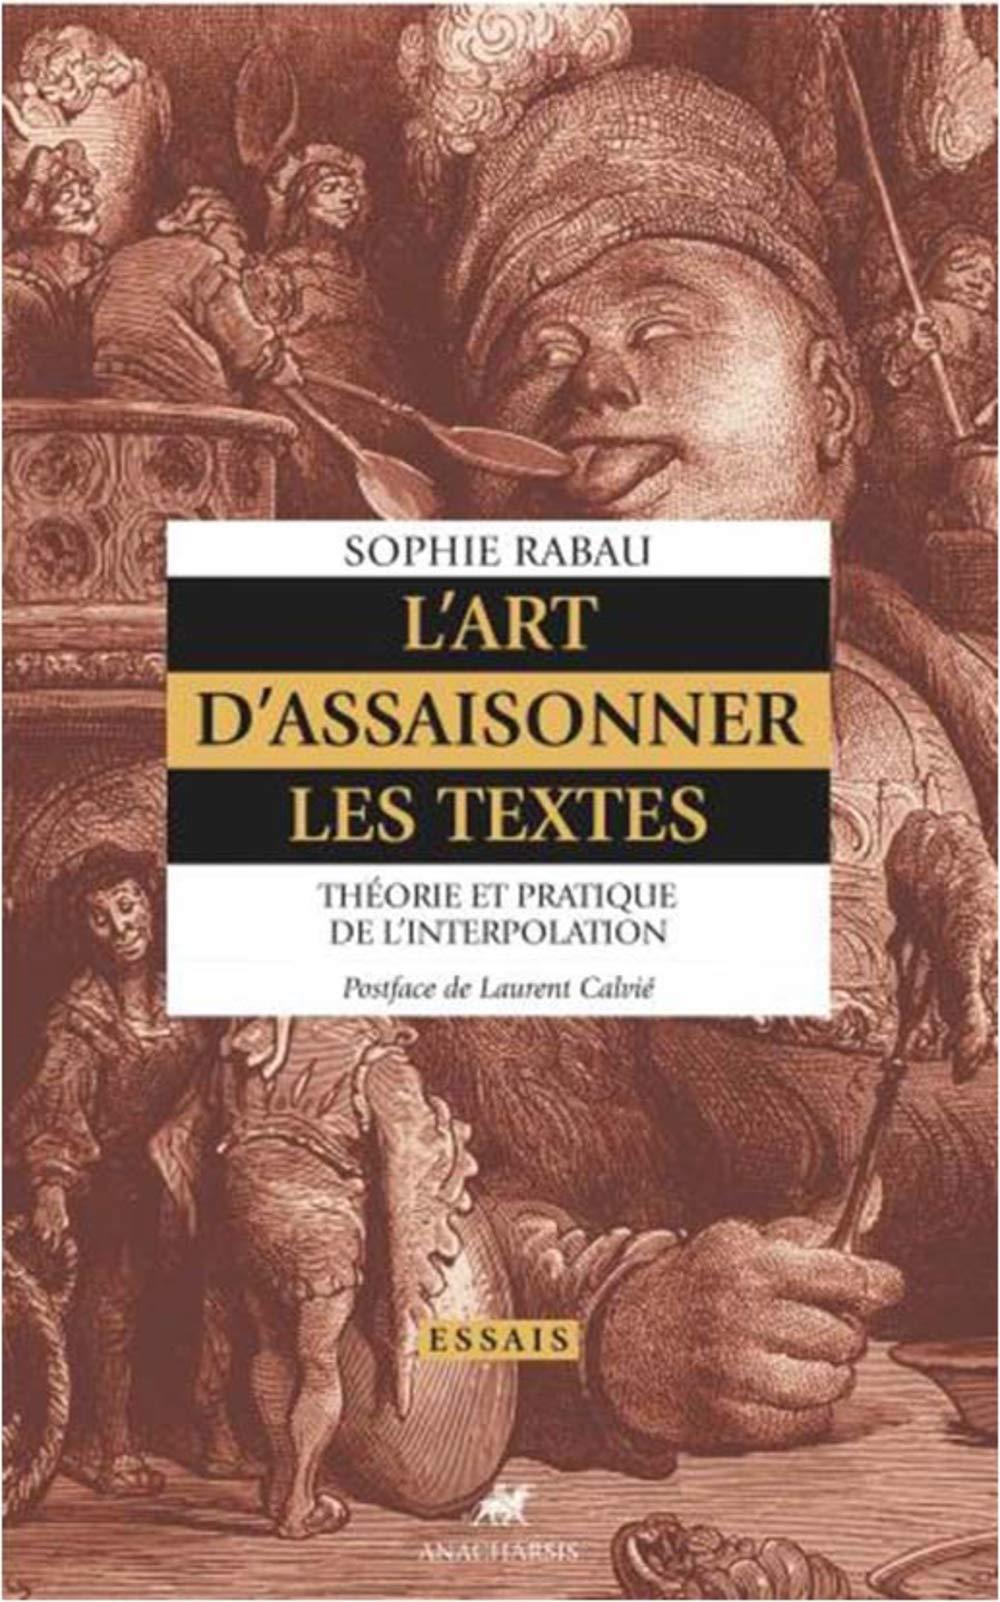 S. Rabau,L'art d'assaisonner les textes. Théorie et pratique de l'interpolation